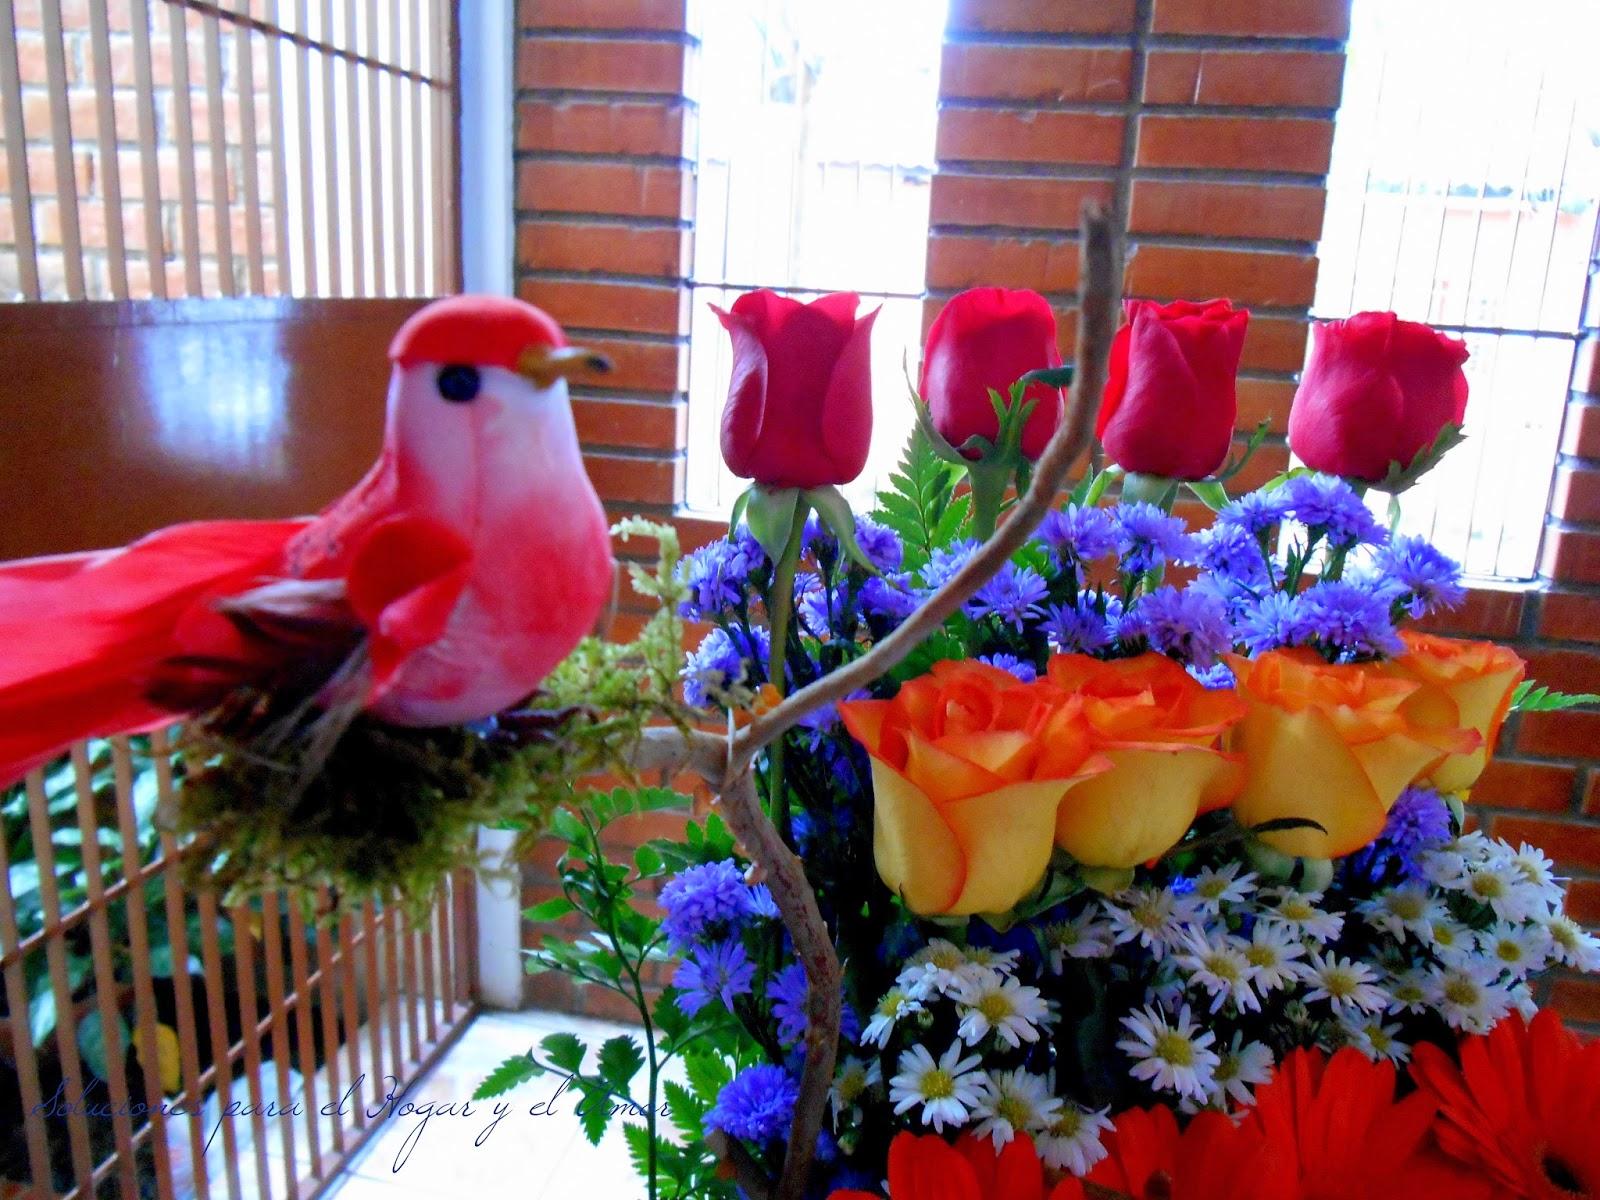 Regalo Sorpresa Inesperado!!! Un bello arreglo floral